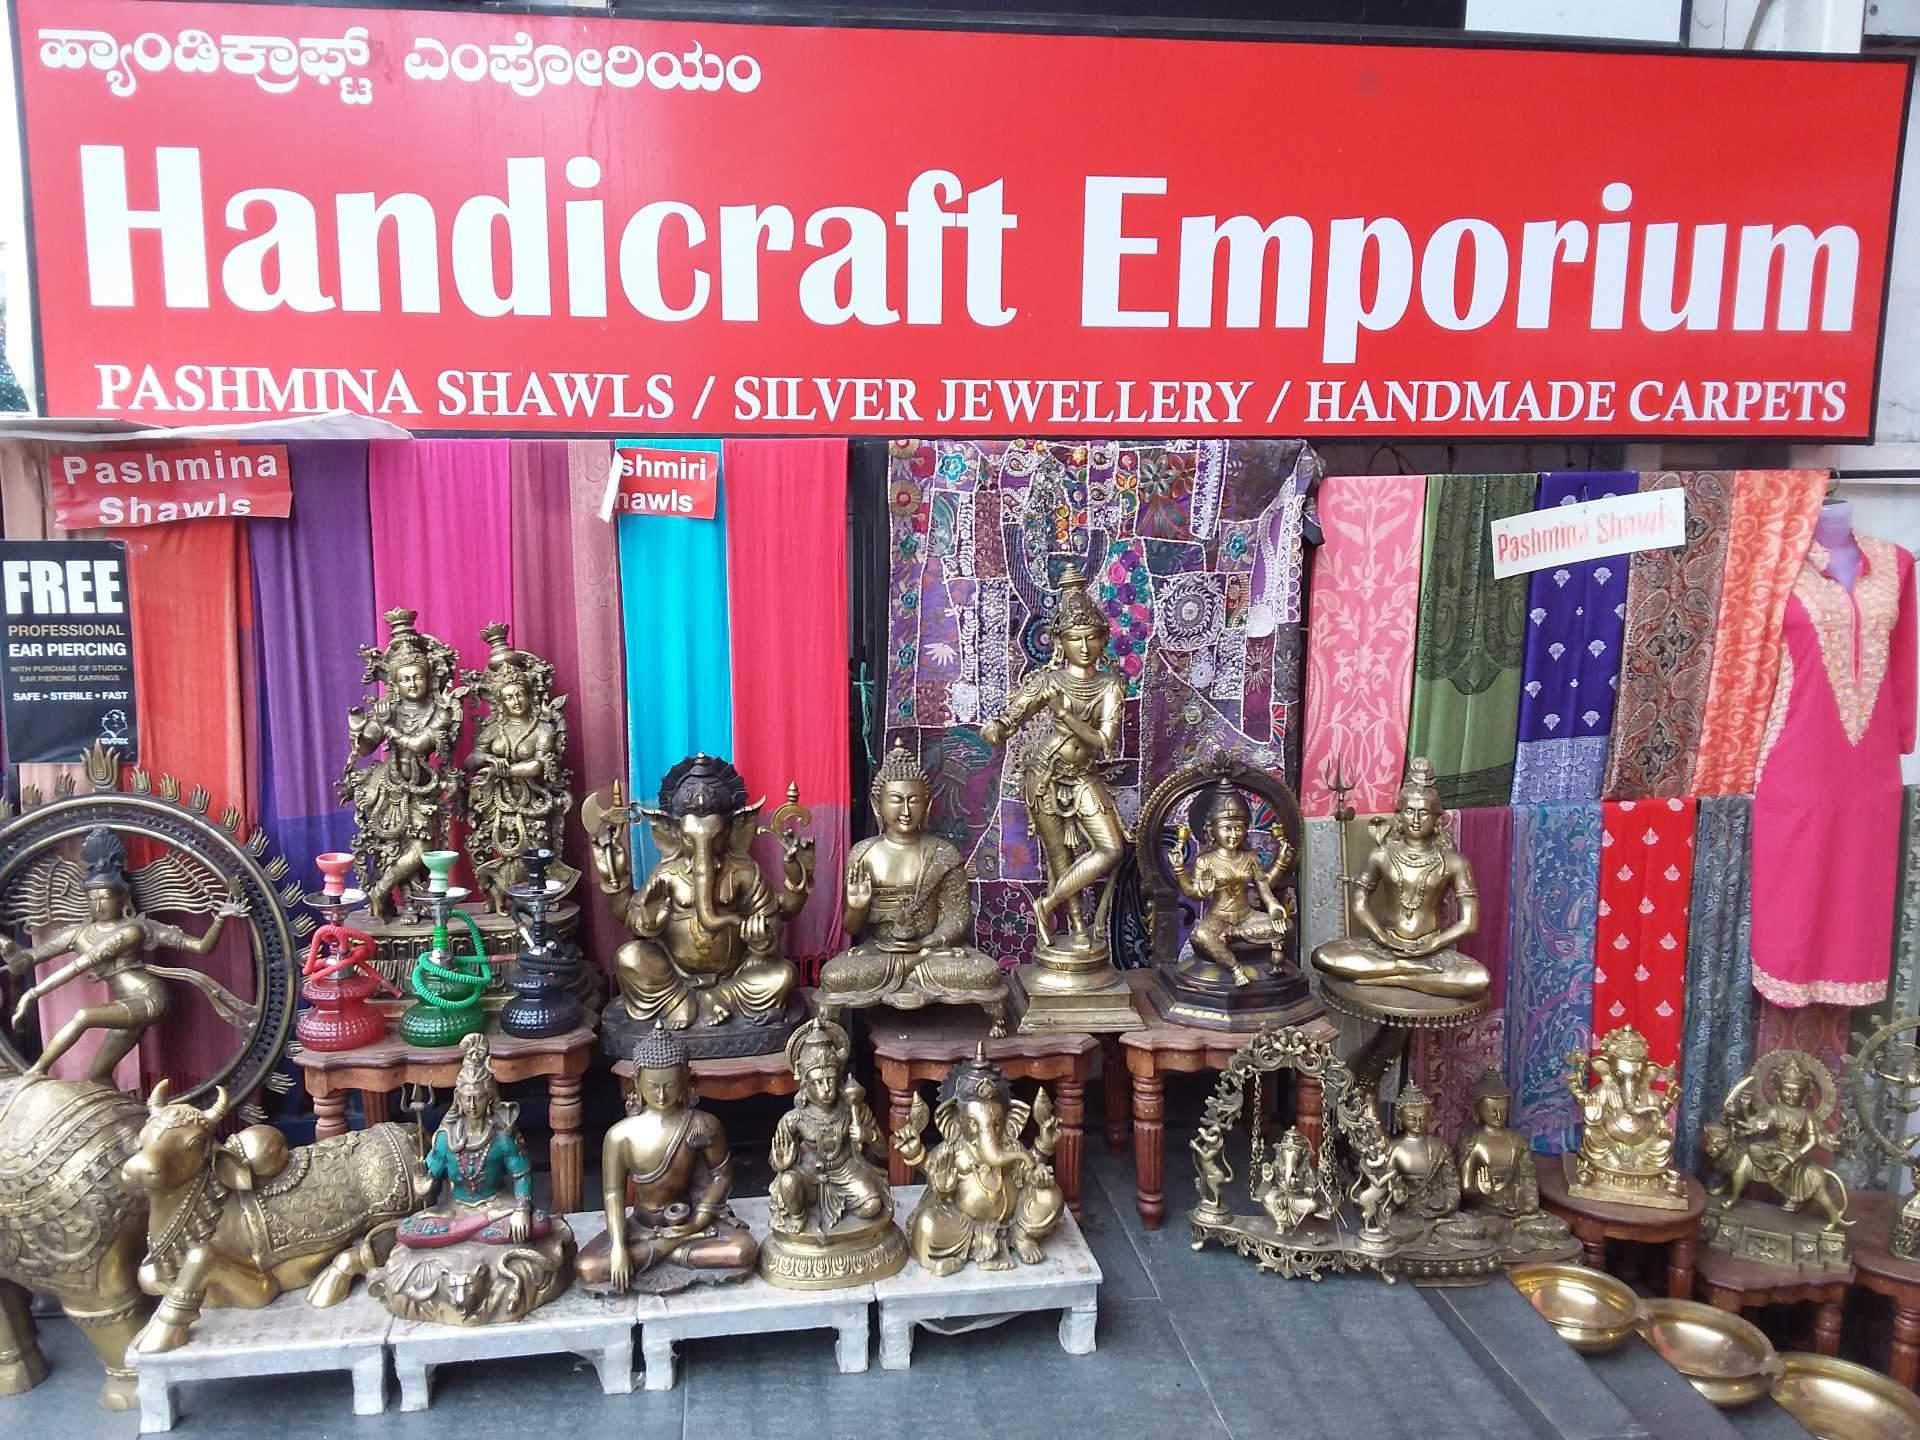 Handicrafts handlooms in bangalore dating